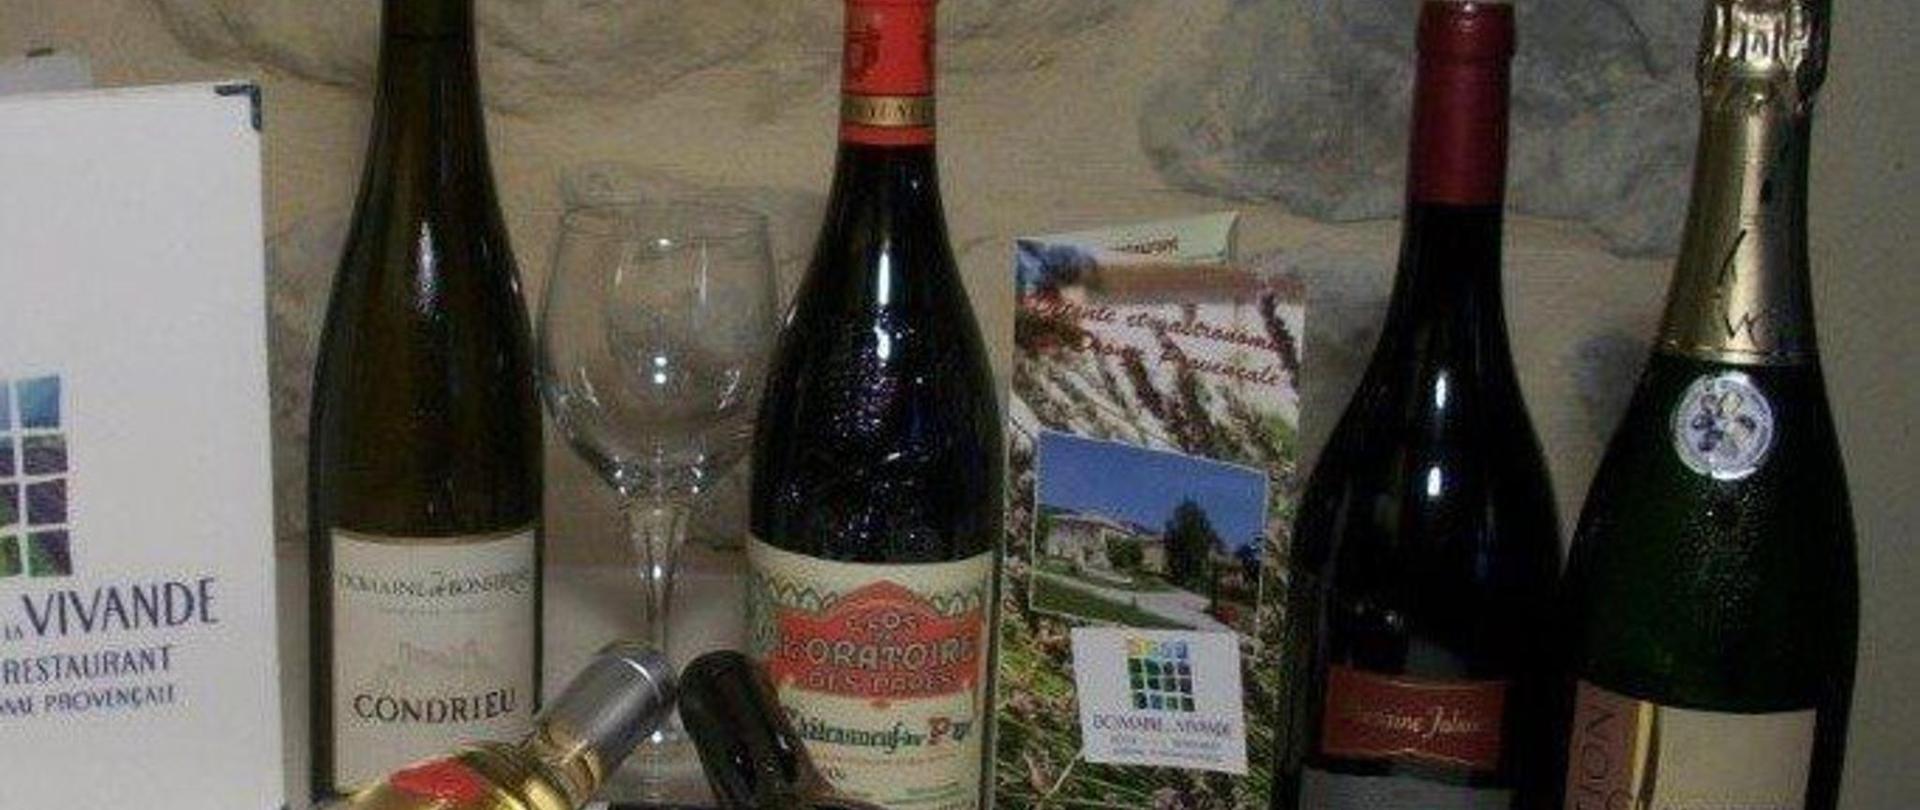 vin-2.jpg